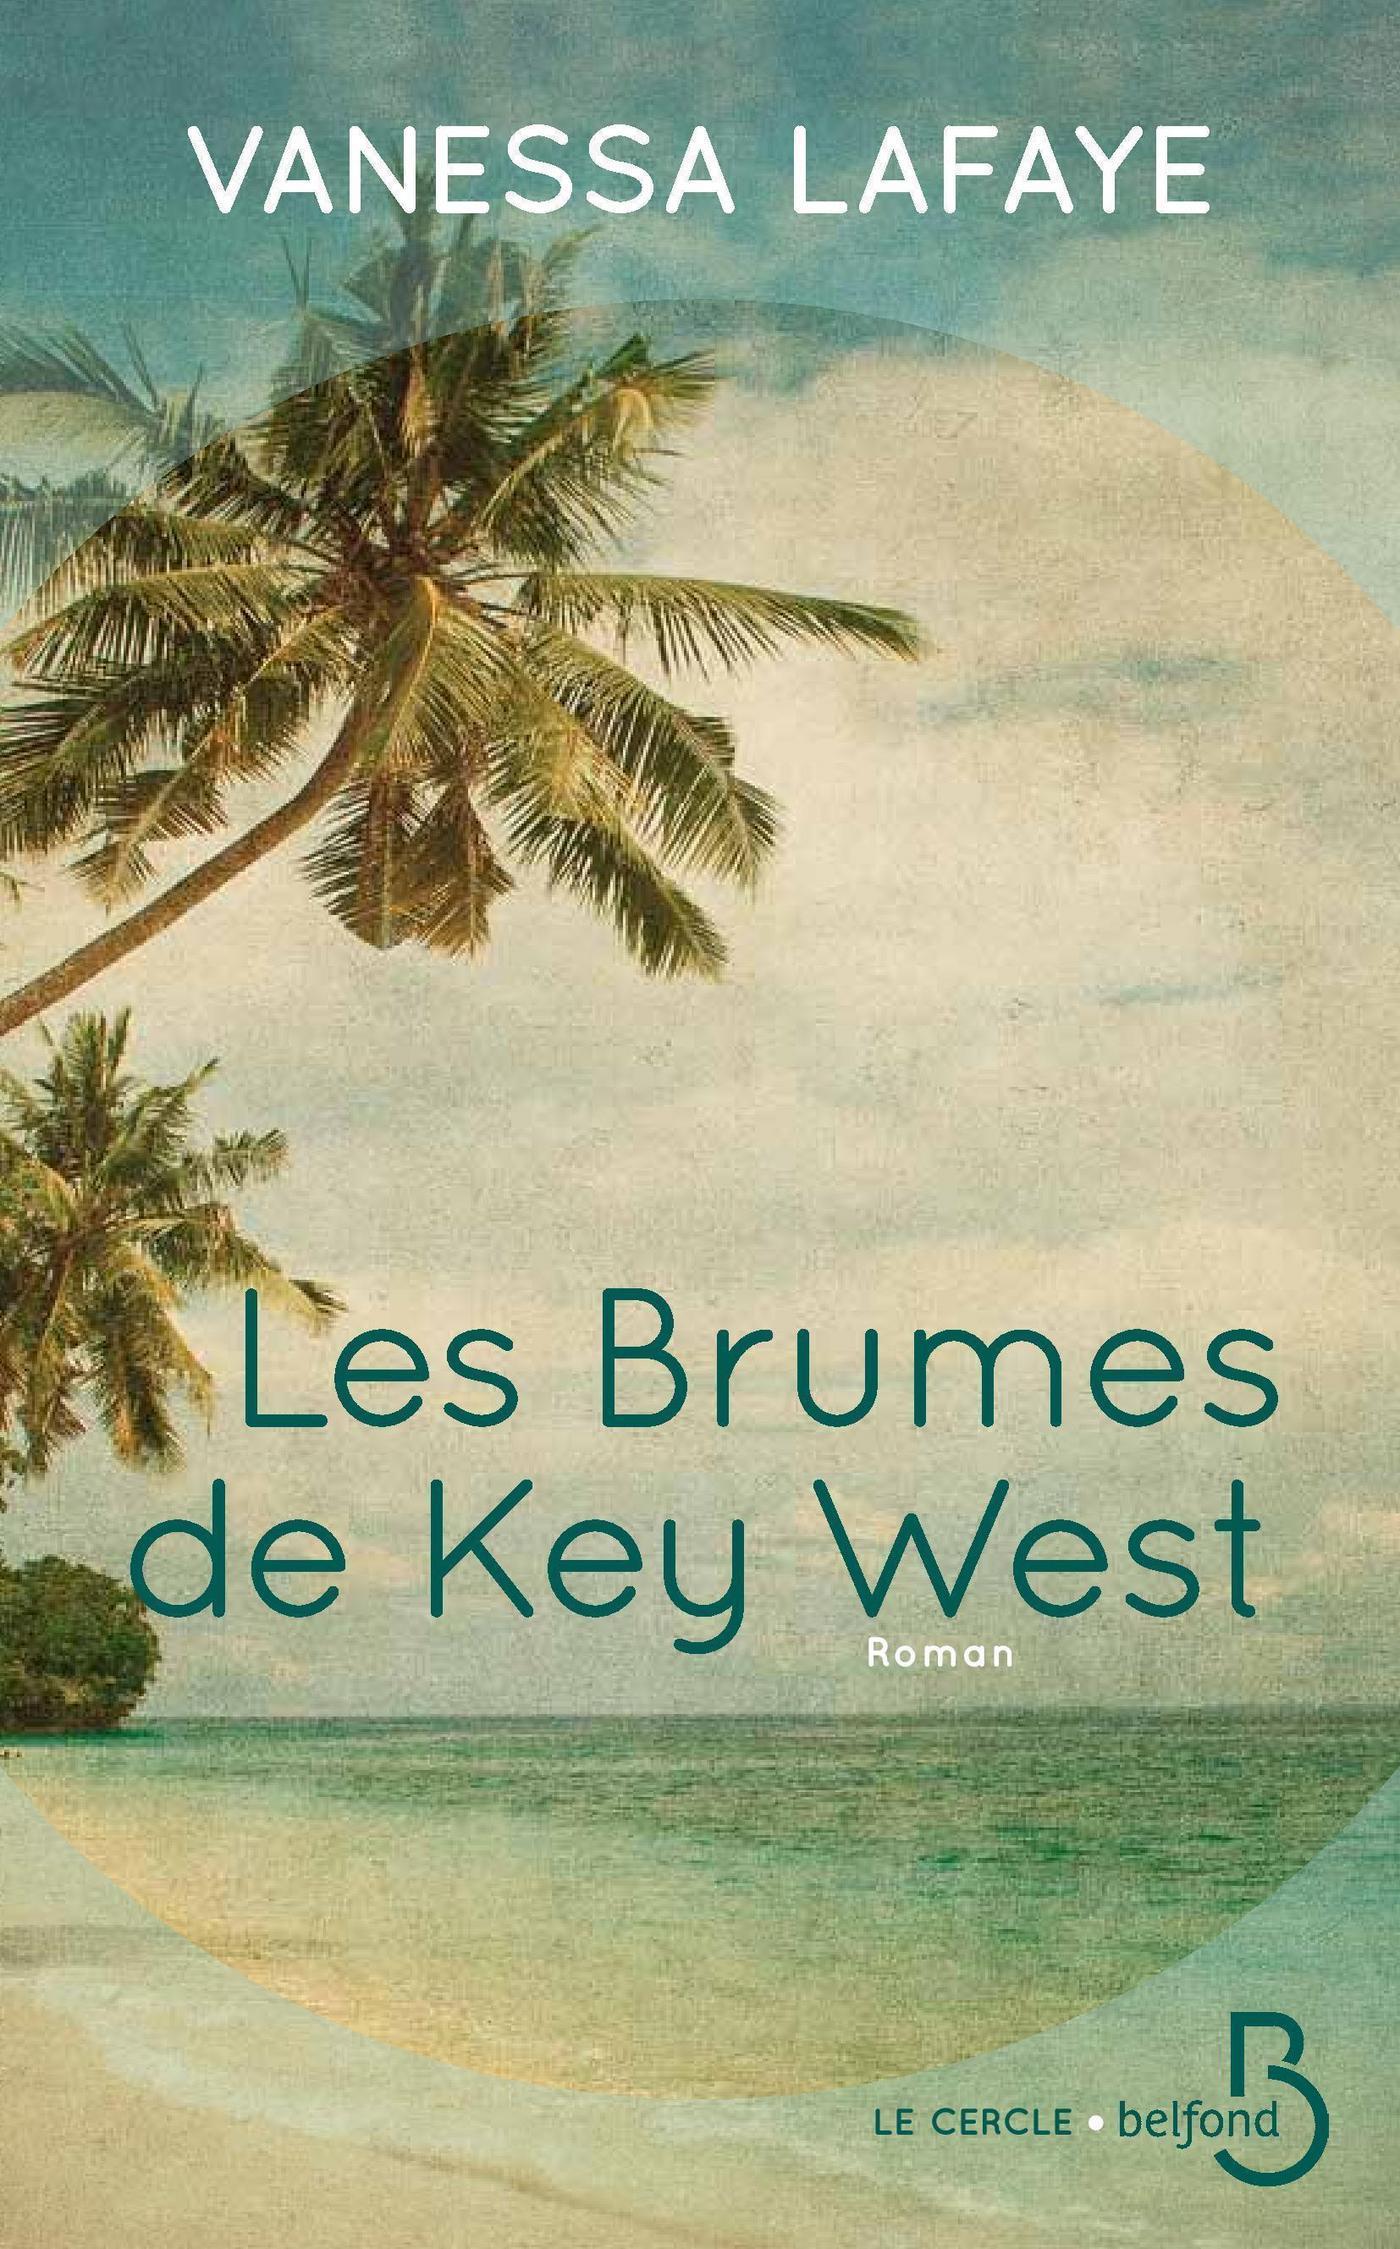 Les Brumes de Key West